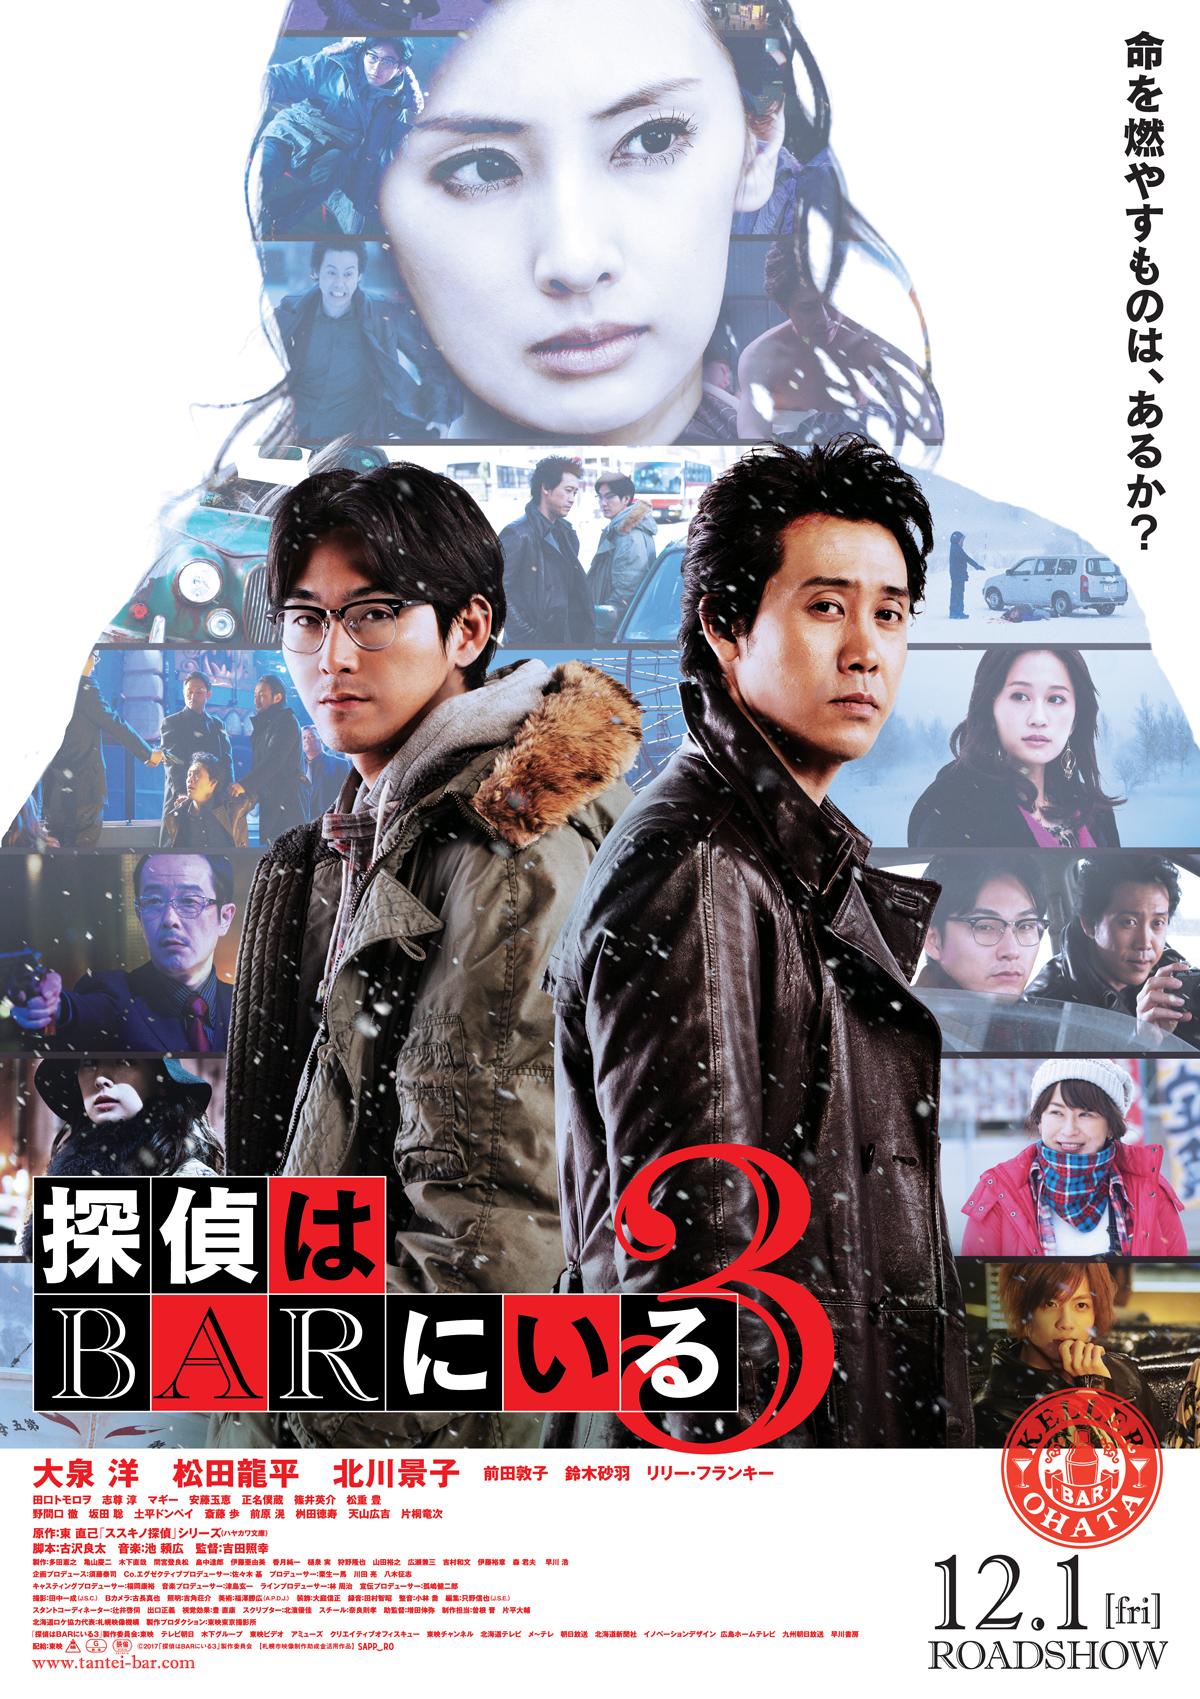 『探偵はBARにいる3』ポスター画像